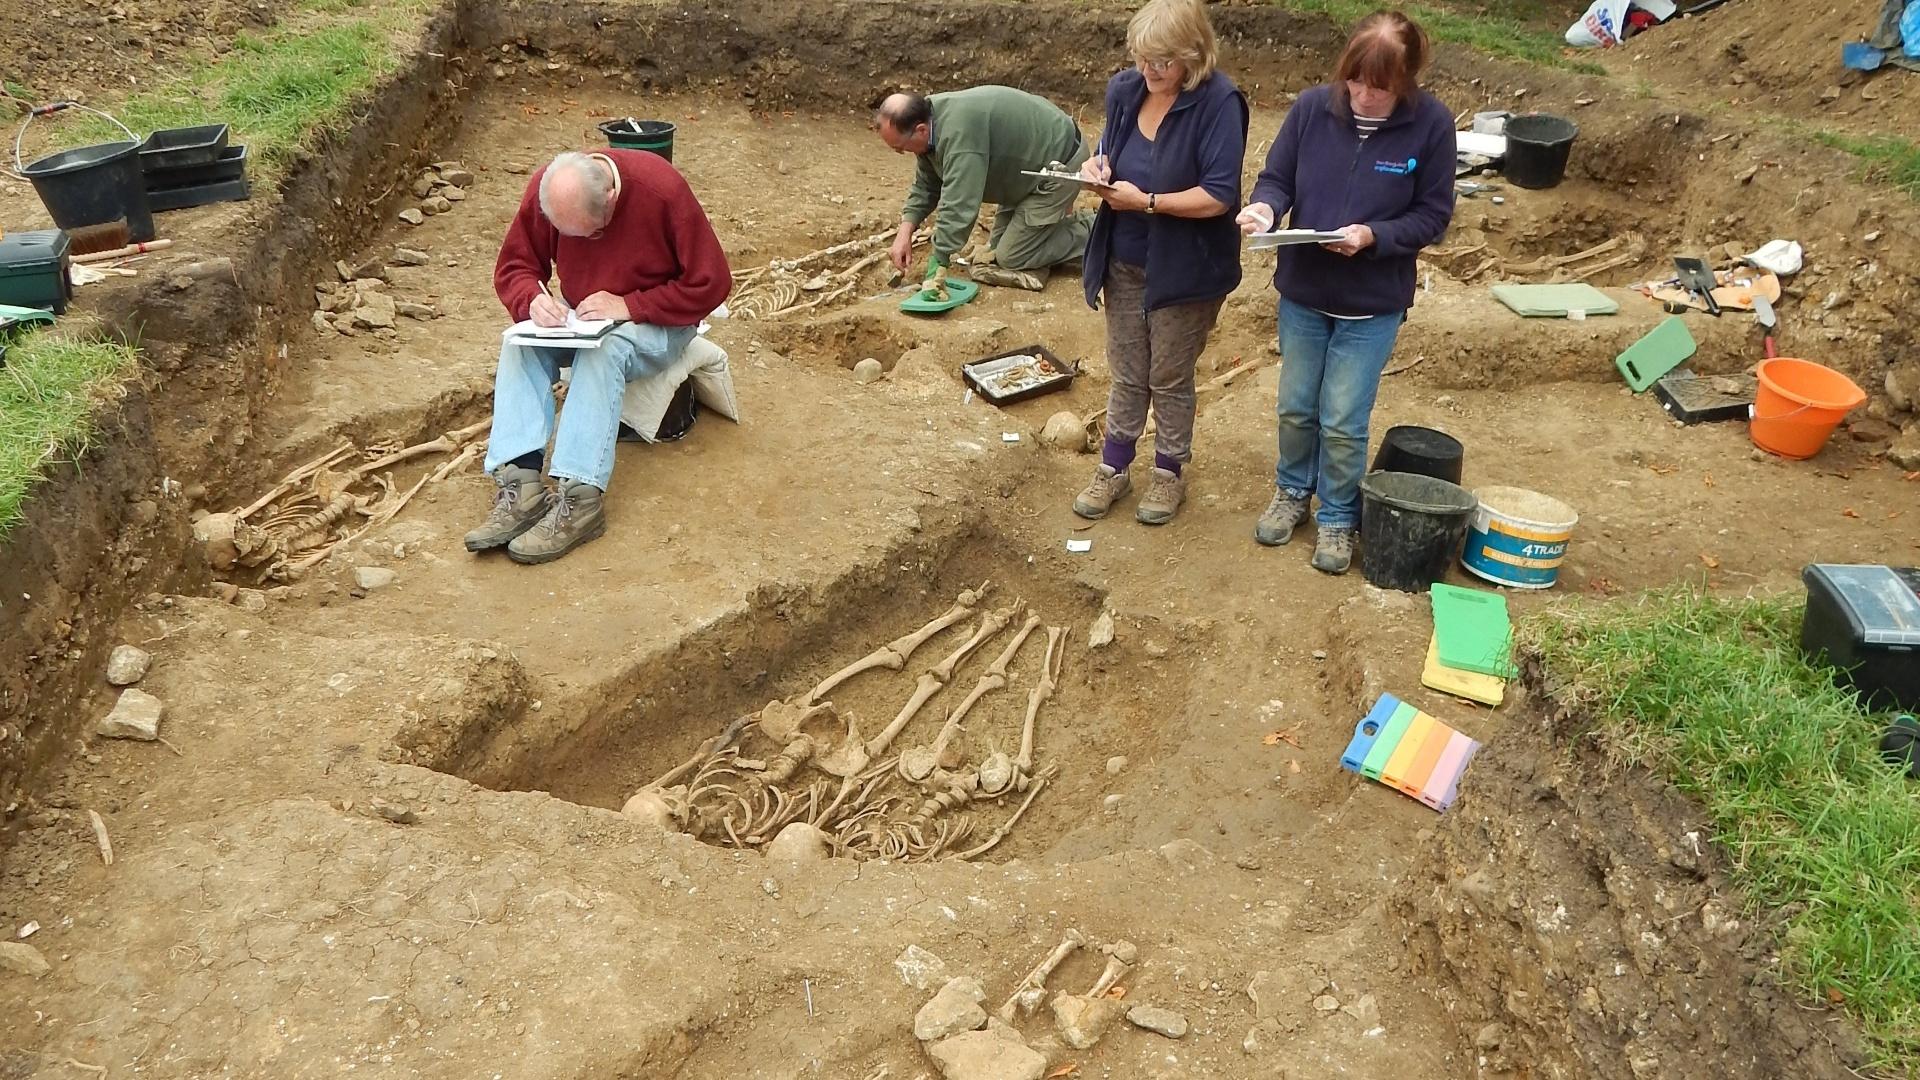 16.set.2014 - Voluntários escavam o local, que acreditavam ter sido uma construção de um edifício romano, duas semanas por ano durante quatro anos